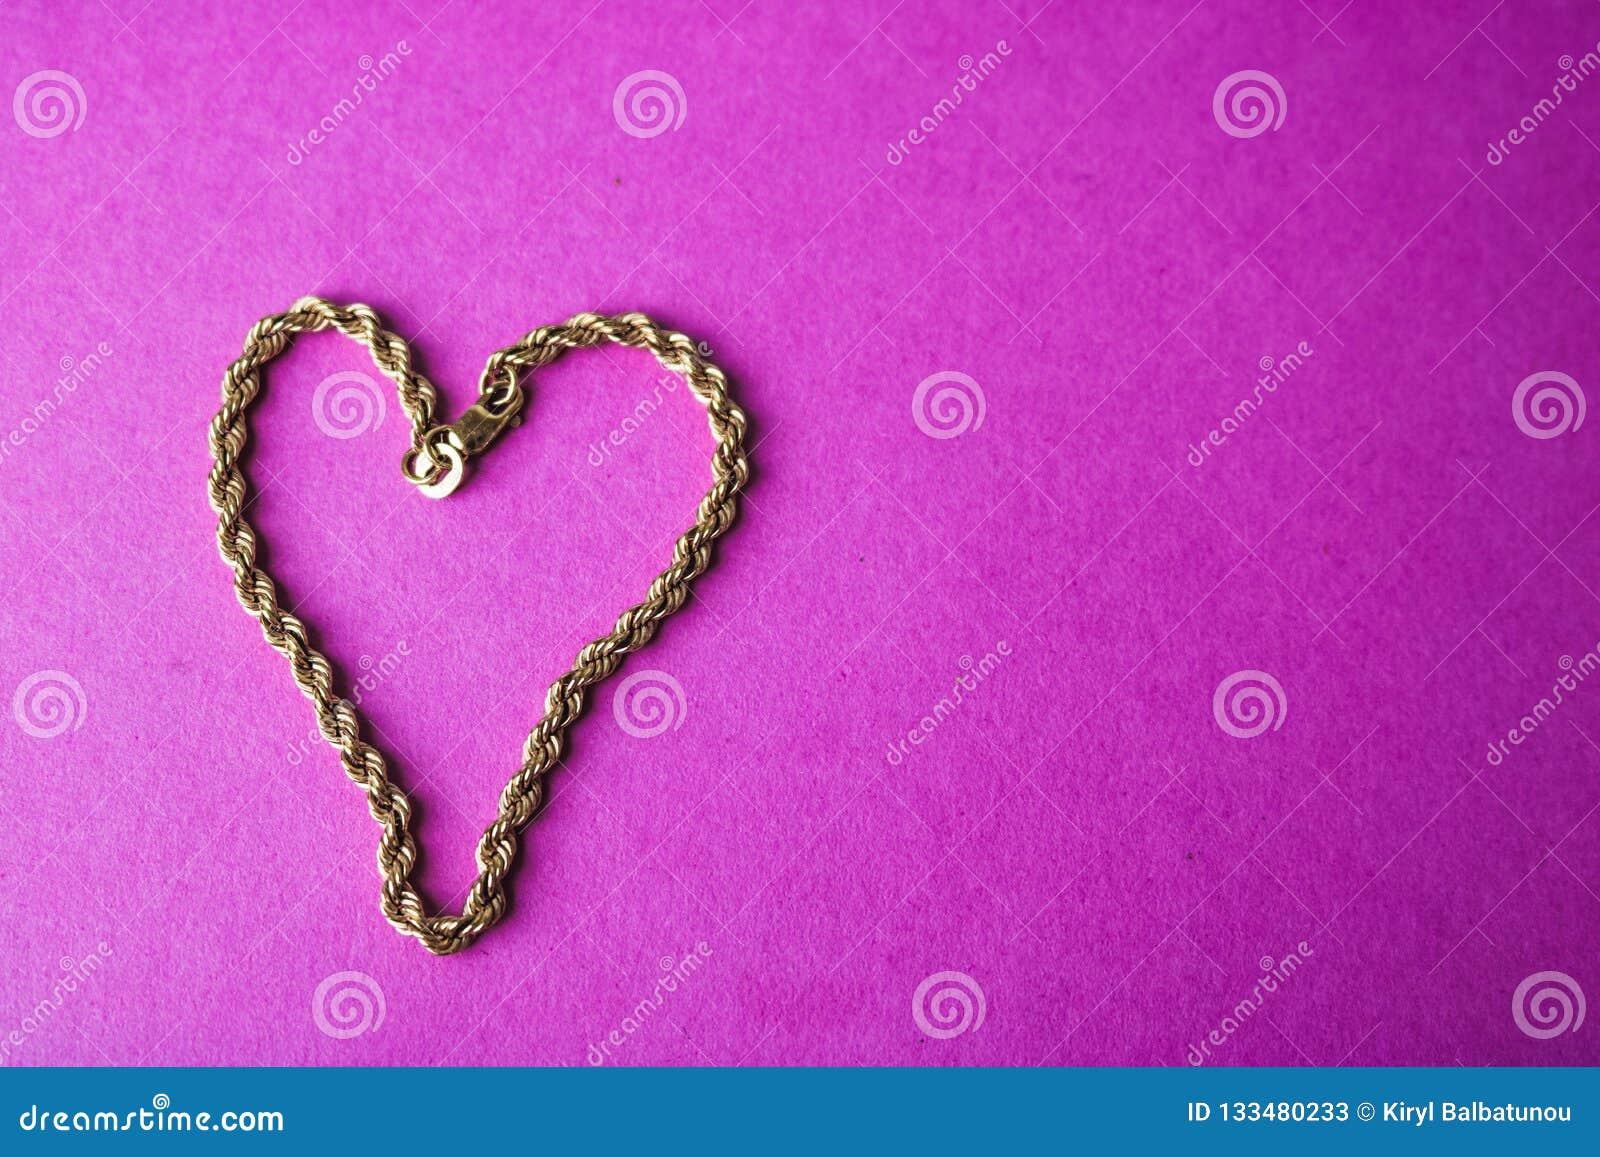 Textur av unikt väva för härlig guld- festlig kedja i formen av en hjärta på ett rosa purpurfärgat bakgrunds- och kopieringsutrym